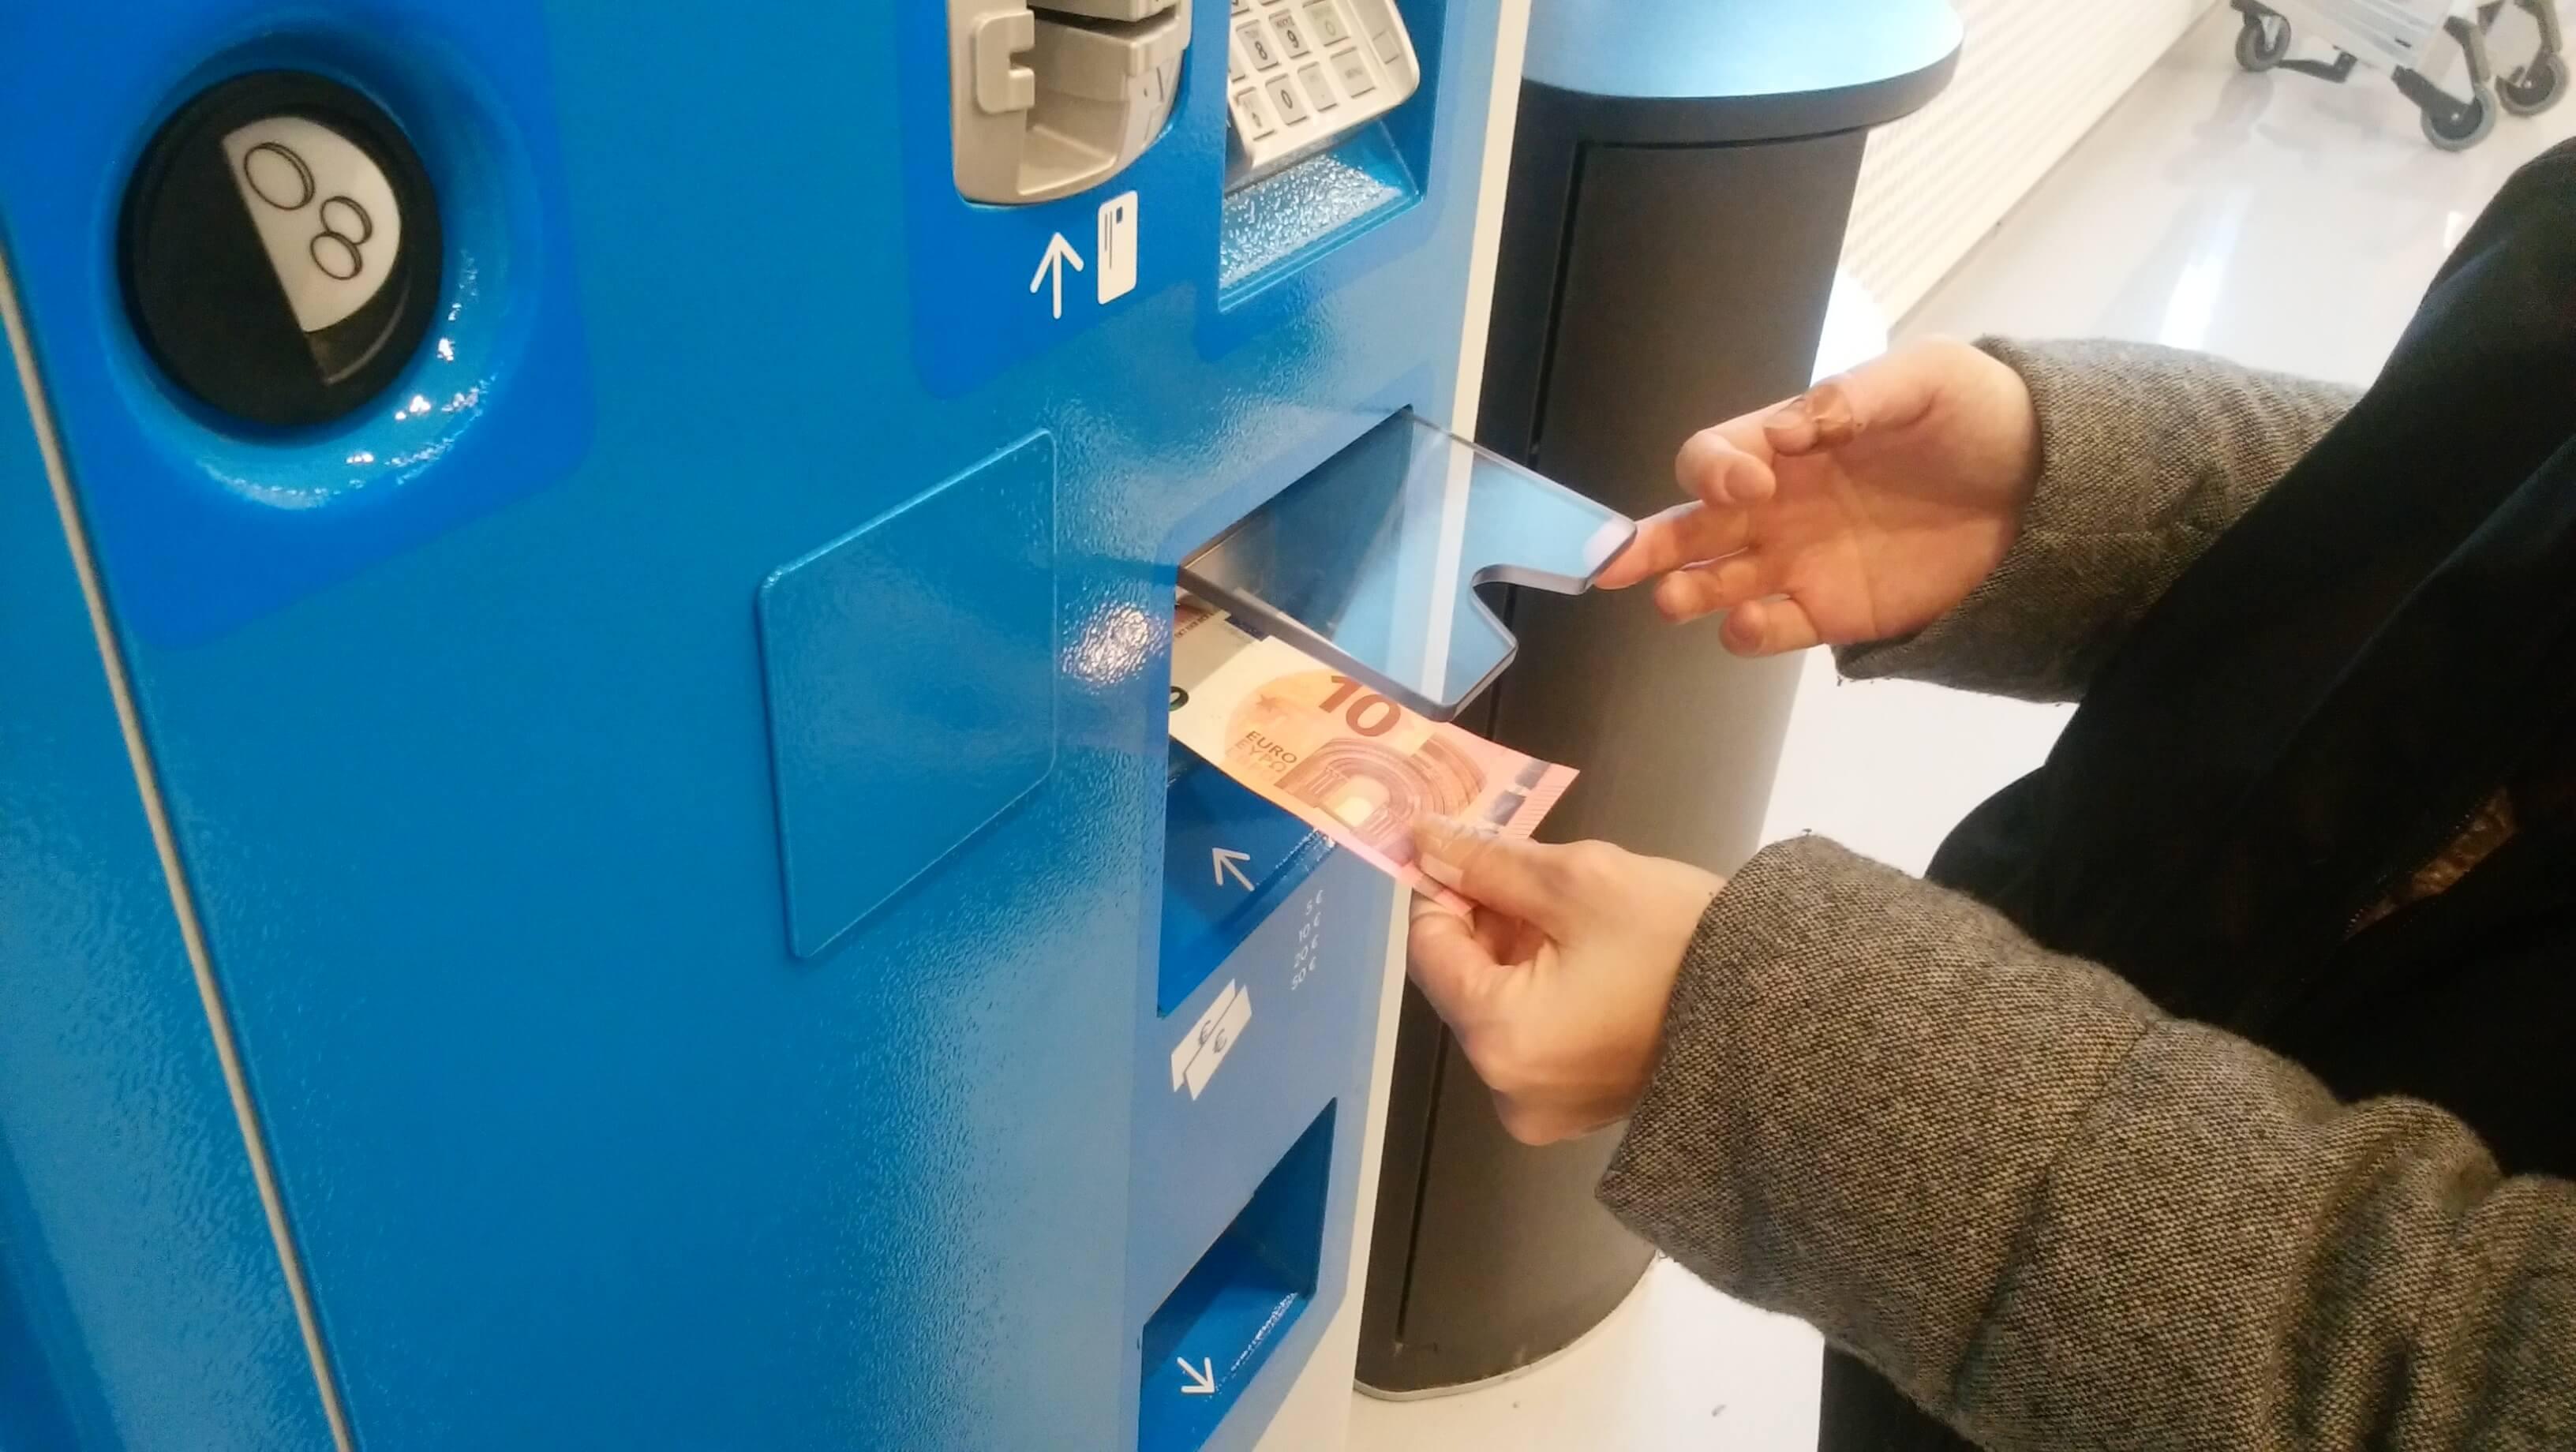 券売機にユーロ紙幣するところ